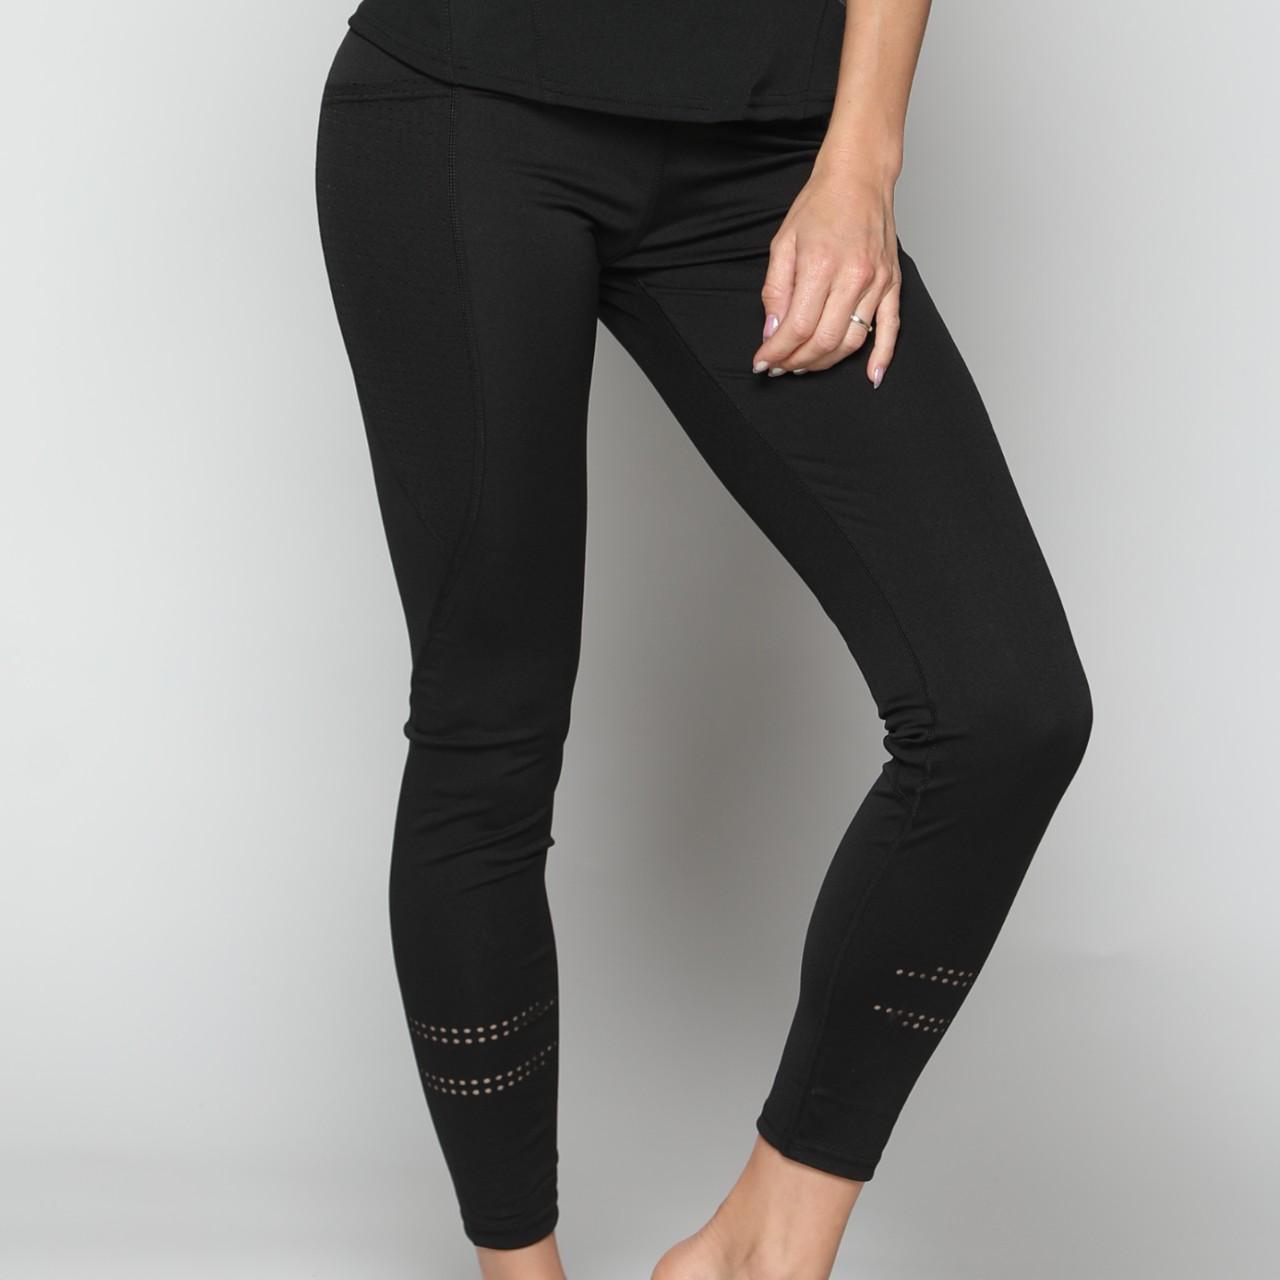 מכנס אקטיב נשים ארוך שילוב חורים רגל שחור